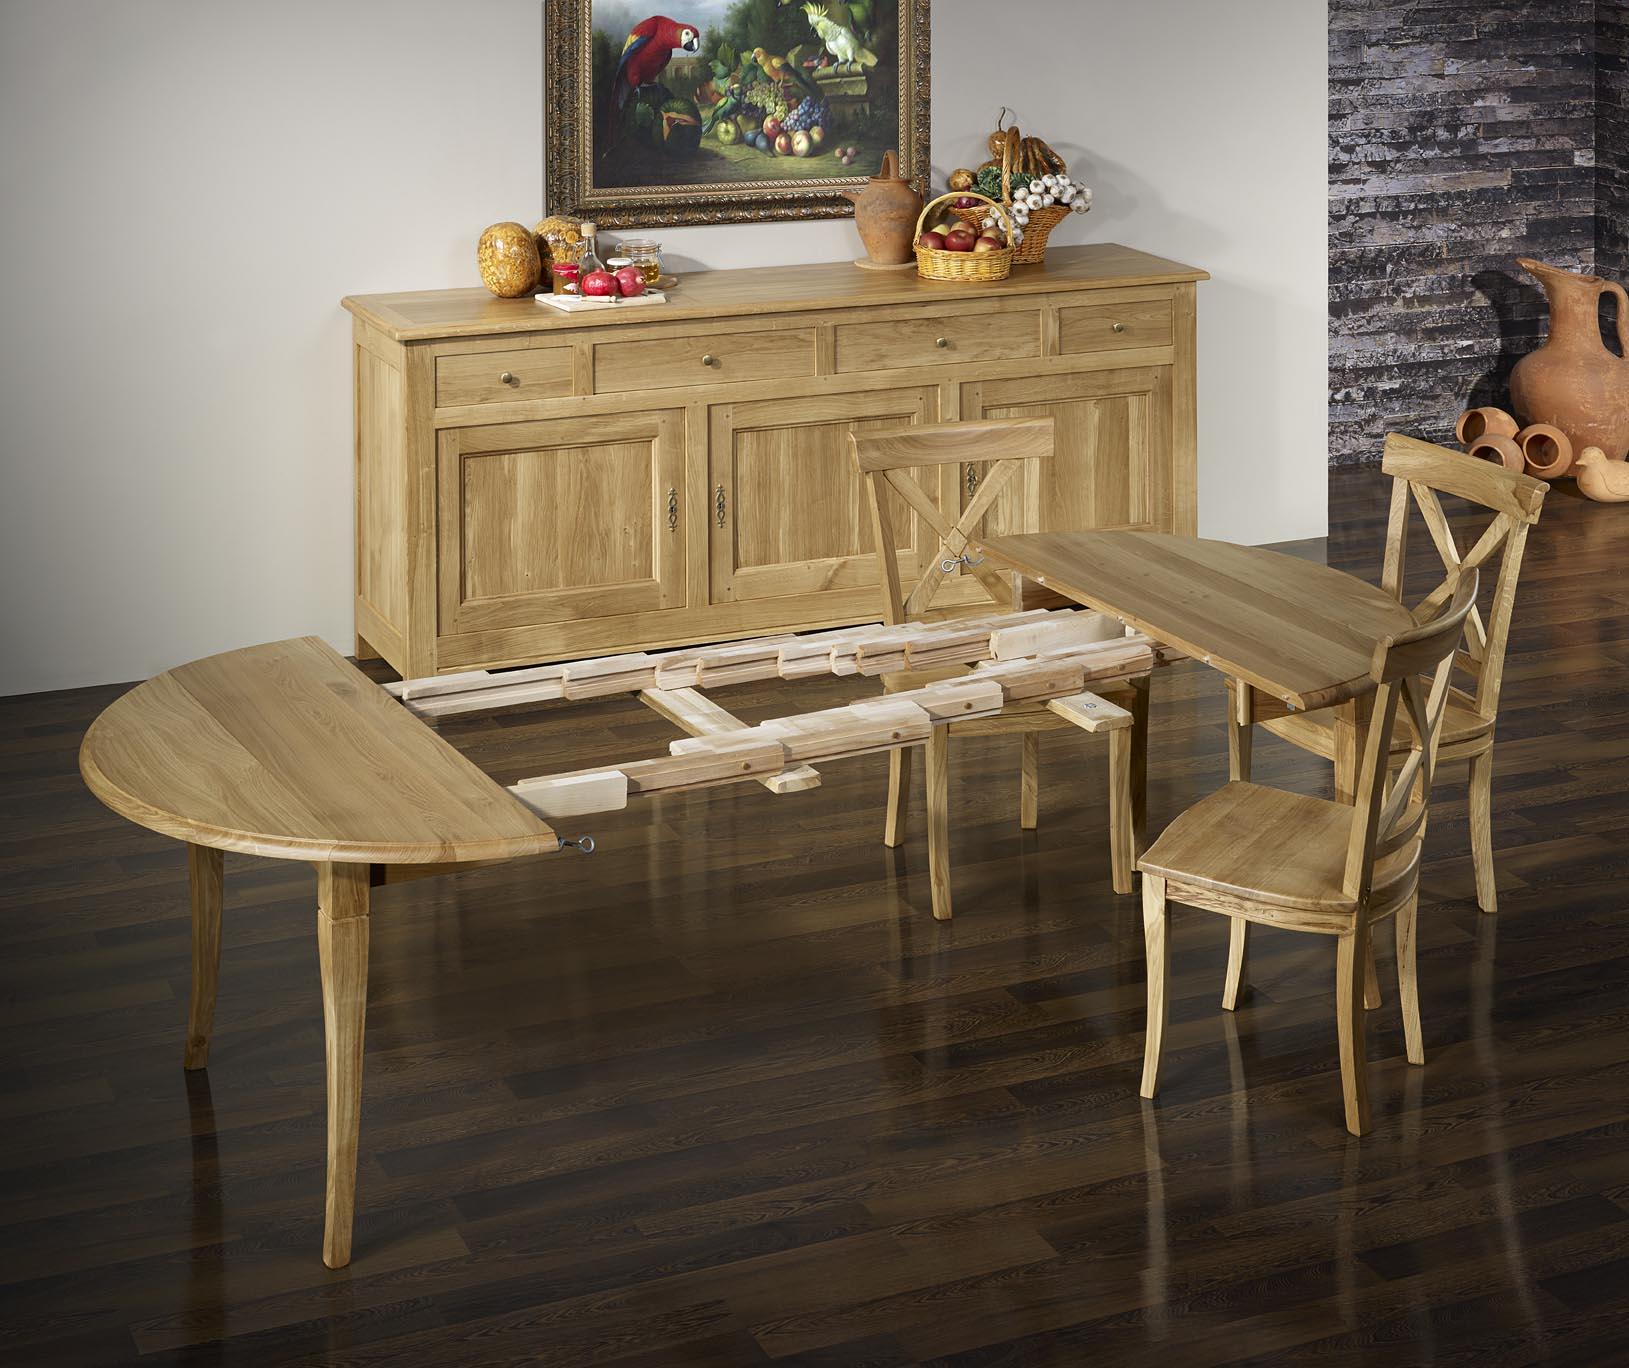 Table ronde volets diam tre 110 en ch ne massif de style for Table ronde chene massif avec allonges